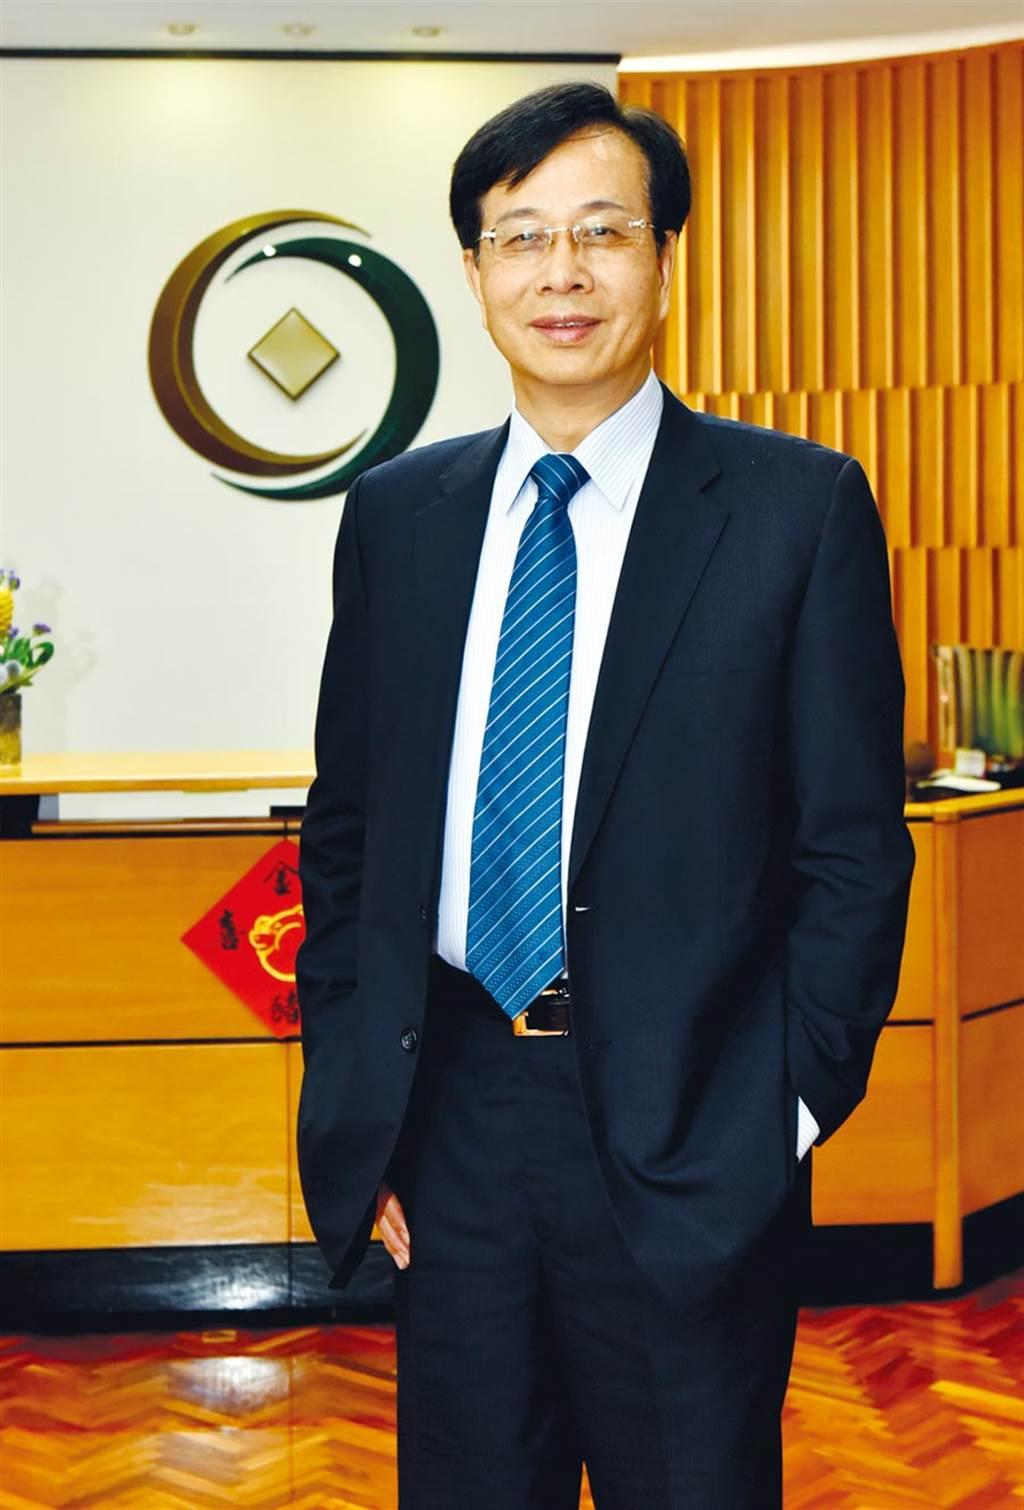 第一金控董事長廖燦昌。(顏謙隆)